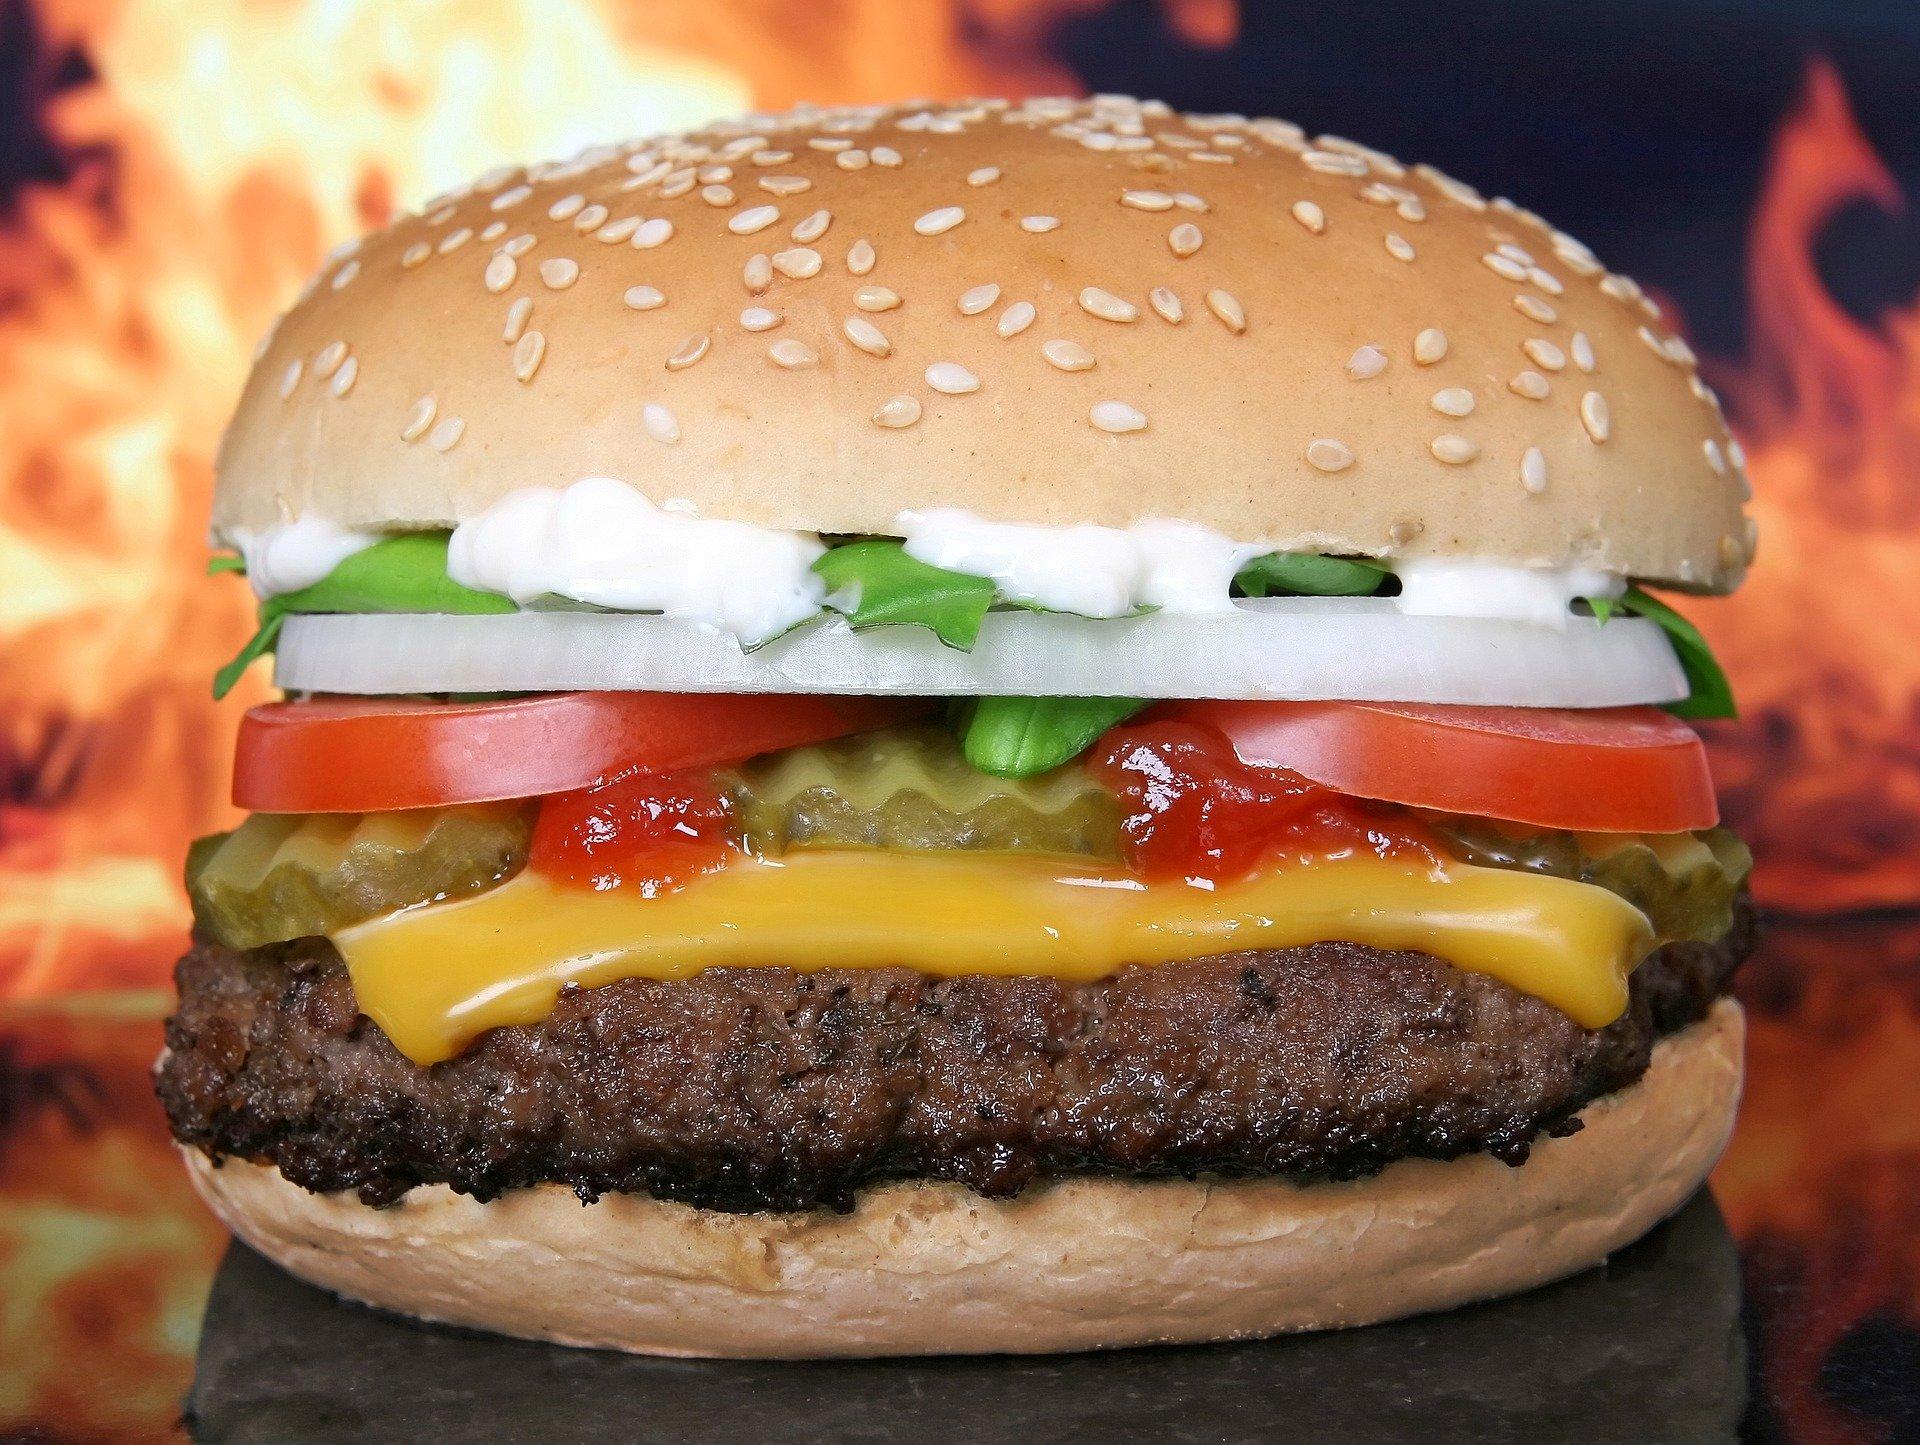 Comment faire un hamburger – Des moyens sains pour préparer un repas sain